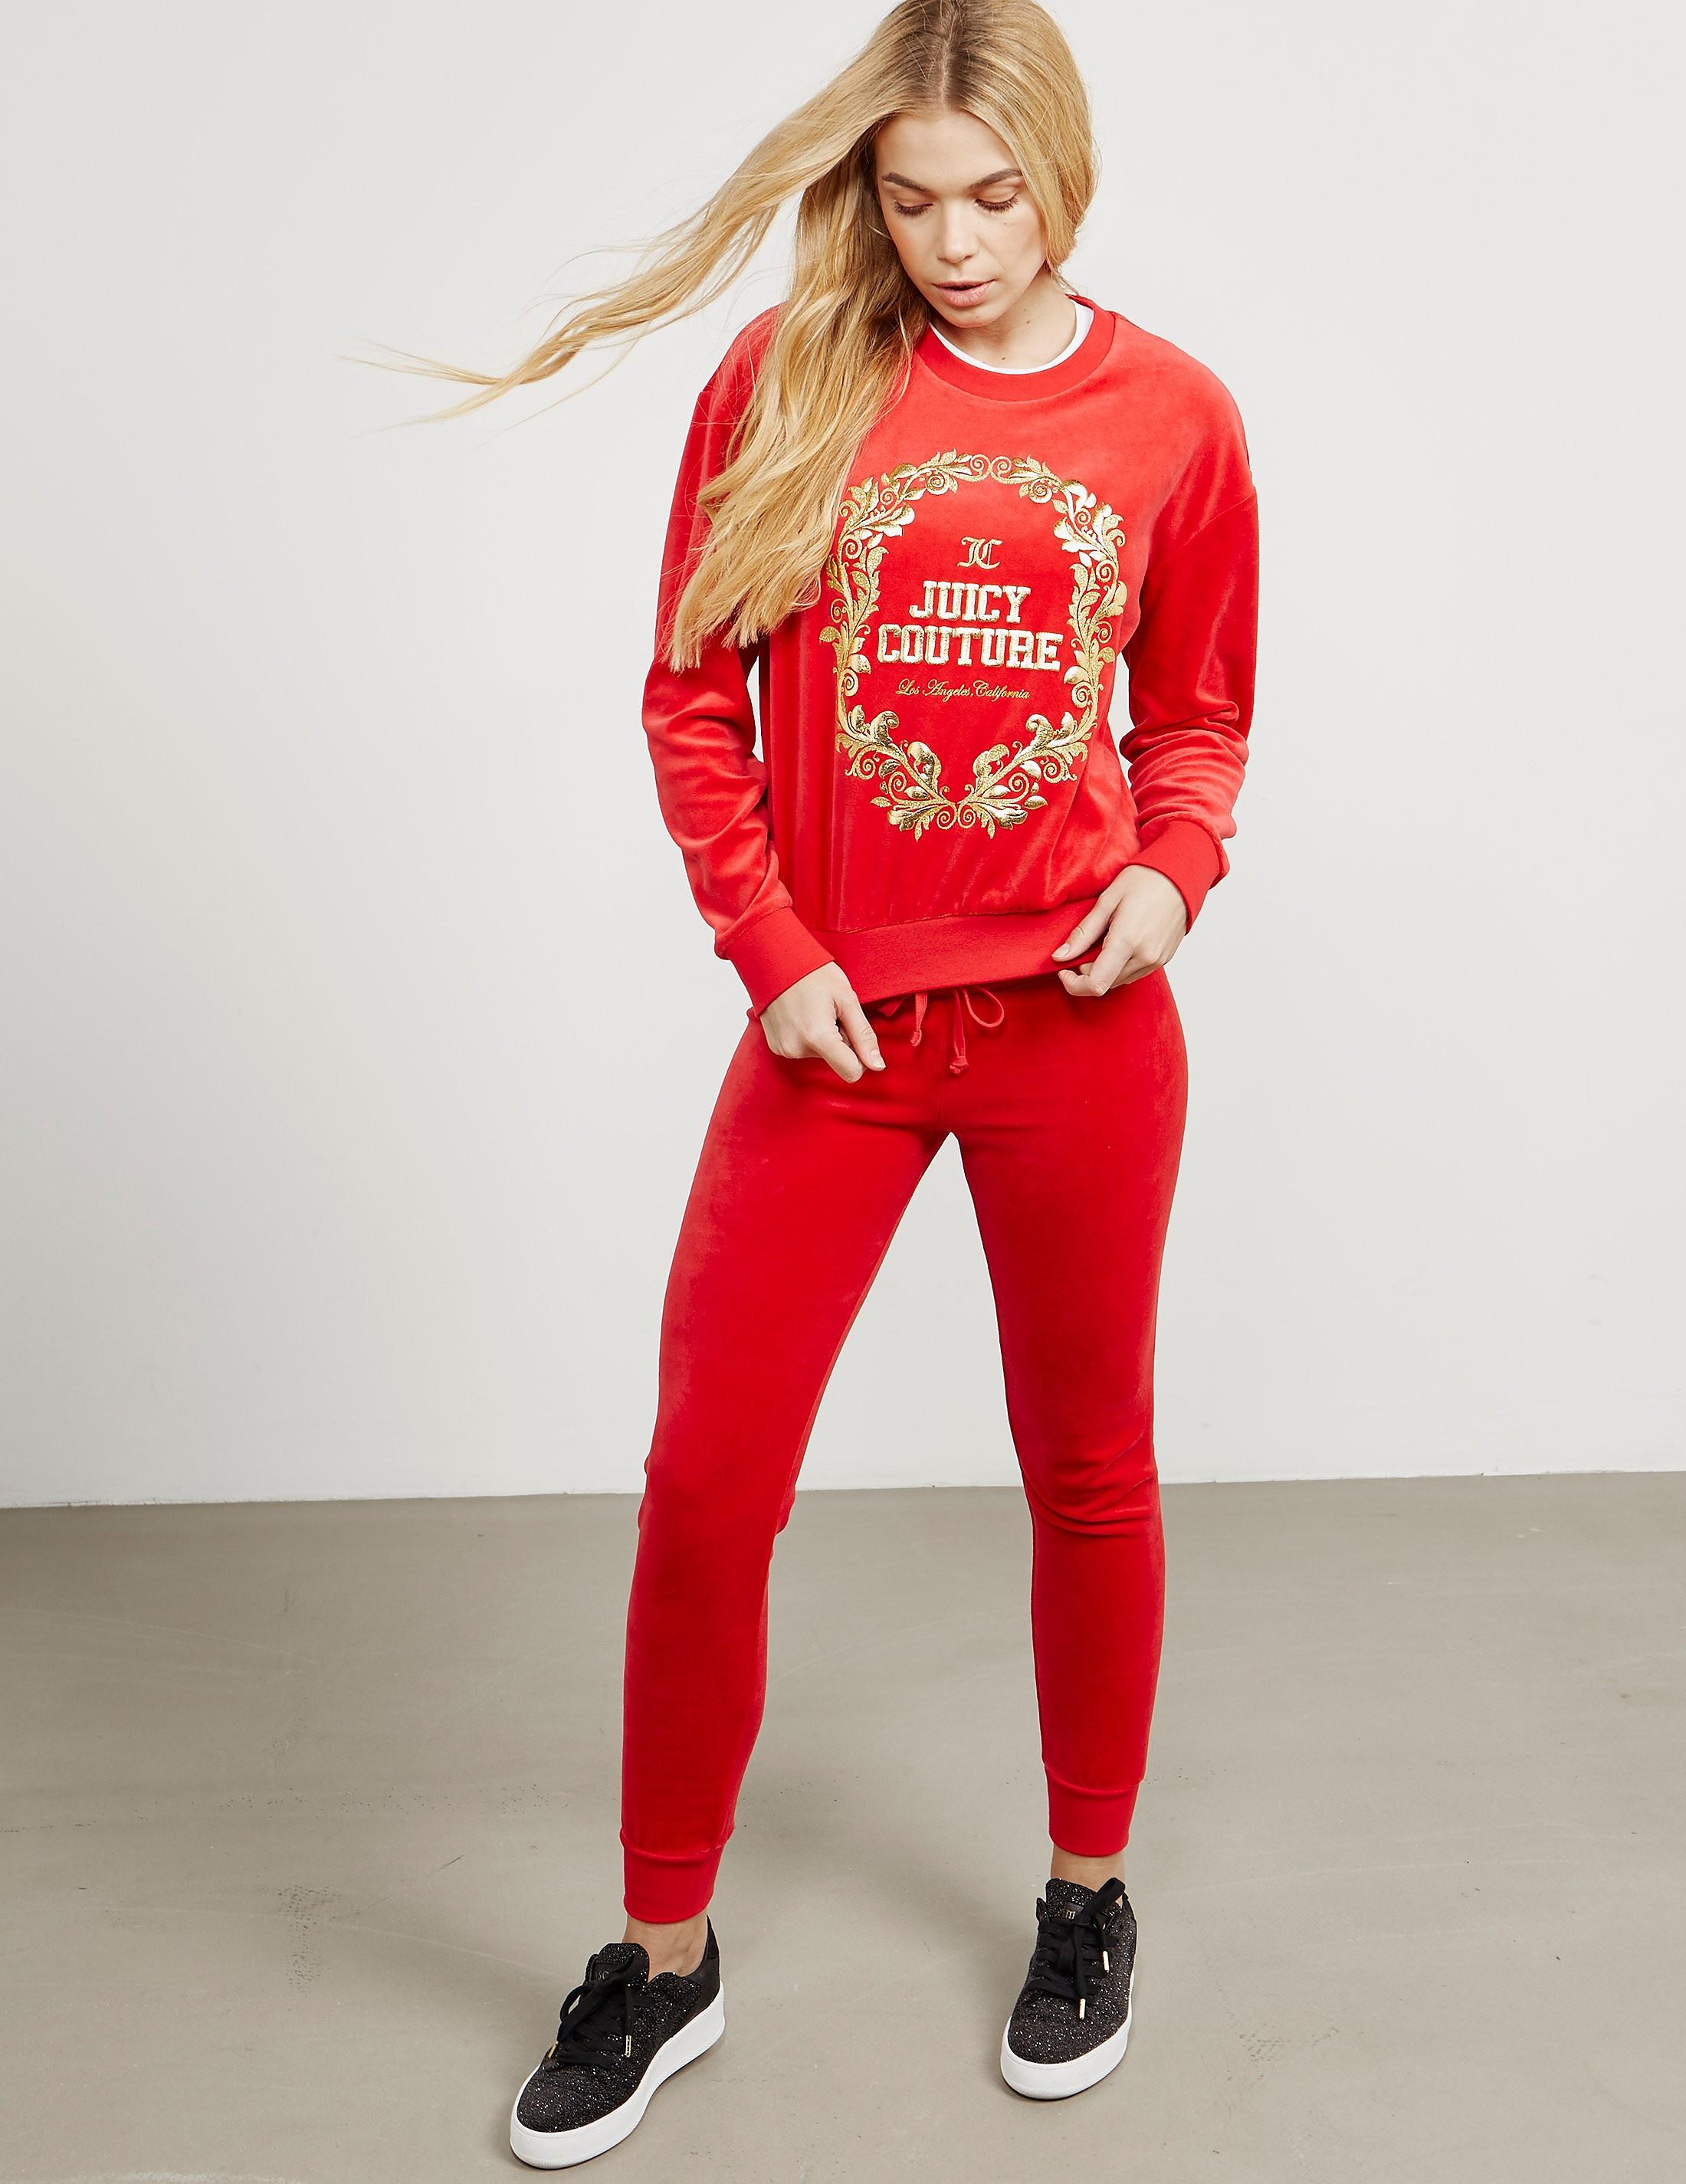 Juicy Couture Wreath Sweatshirt